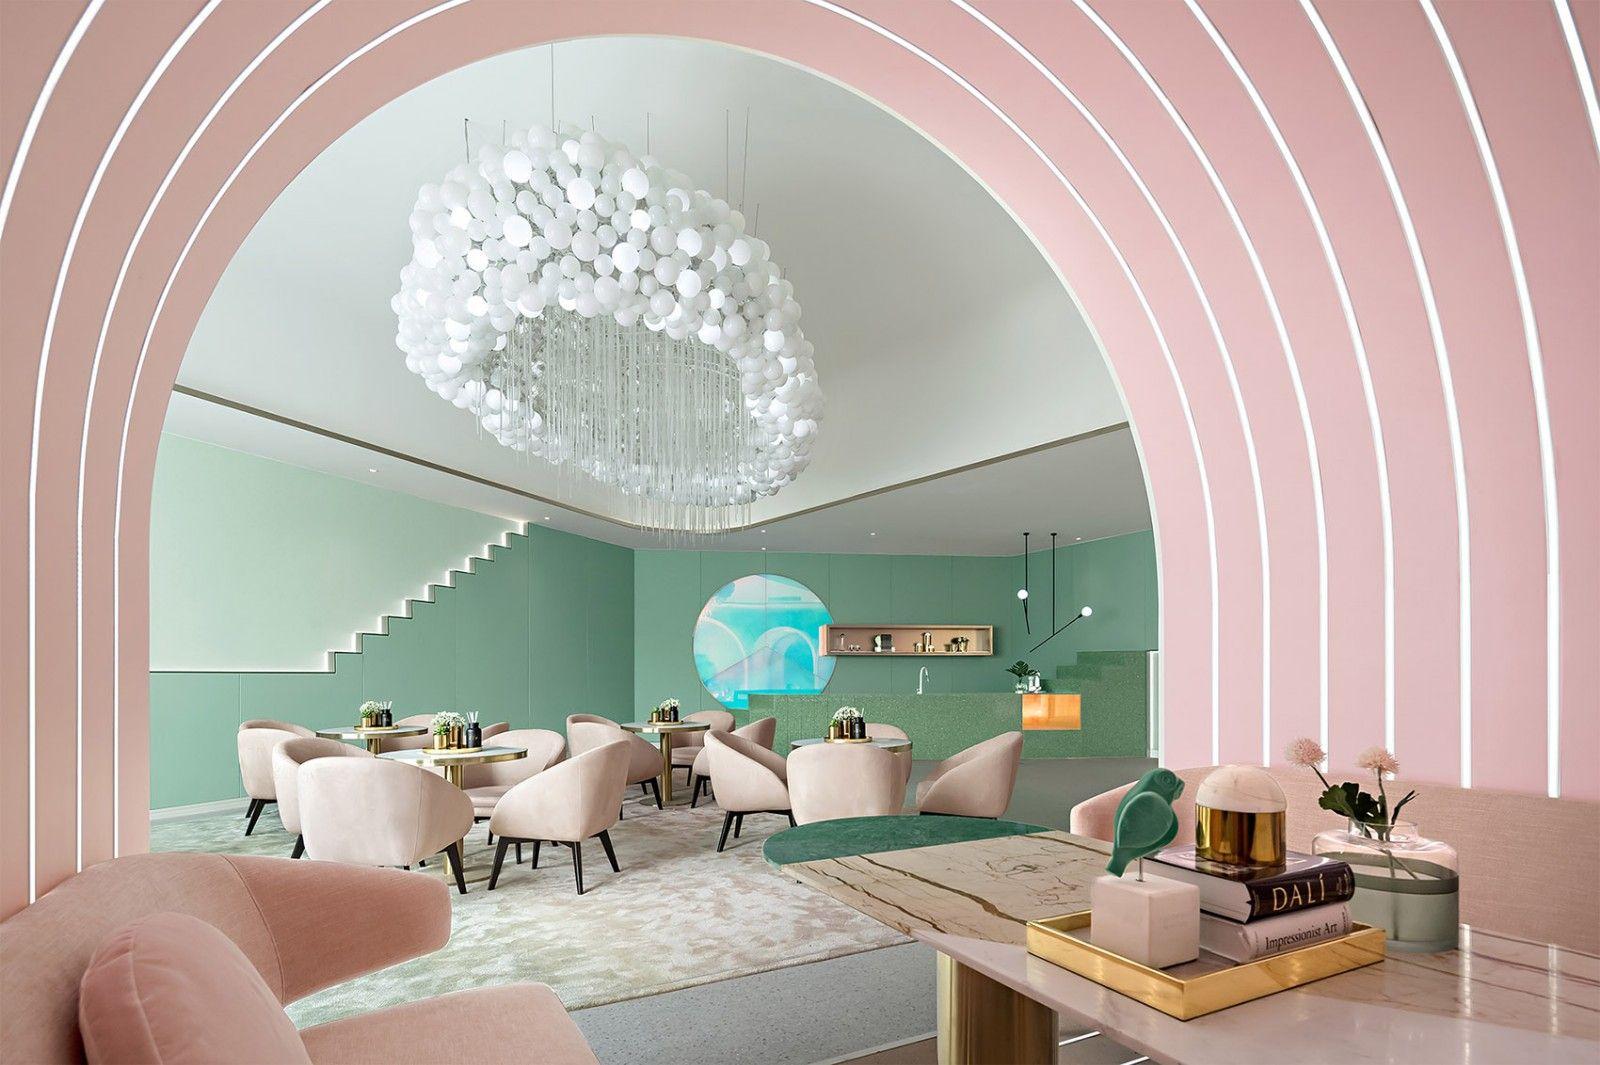 Children S Theme Sales Center Bin Zhan Architectural Design